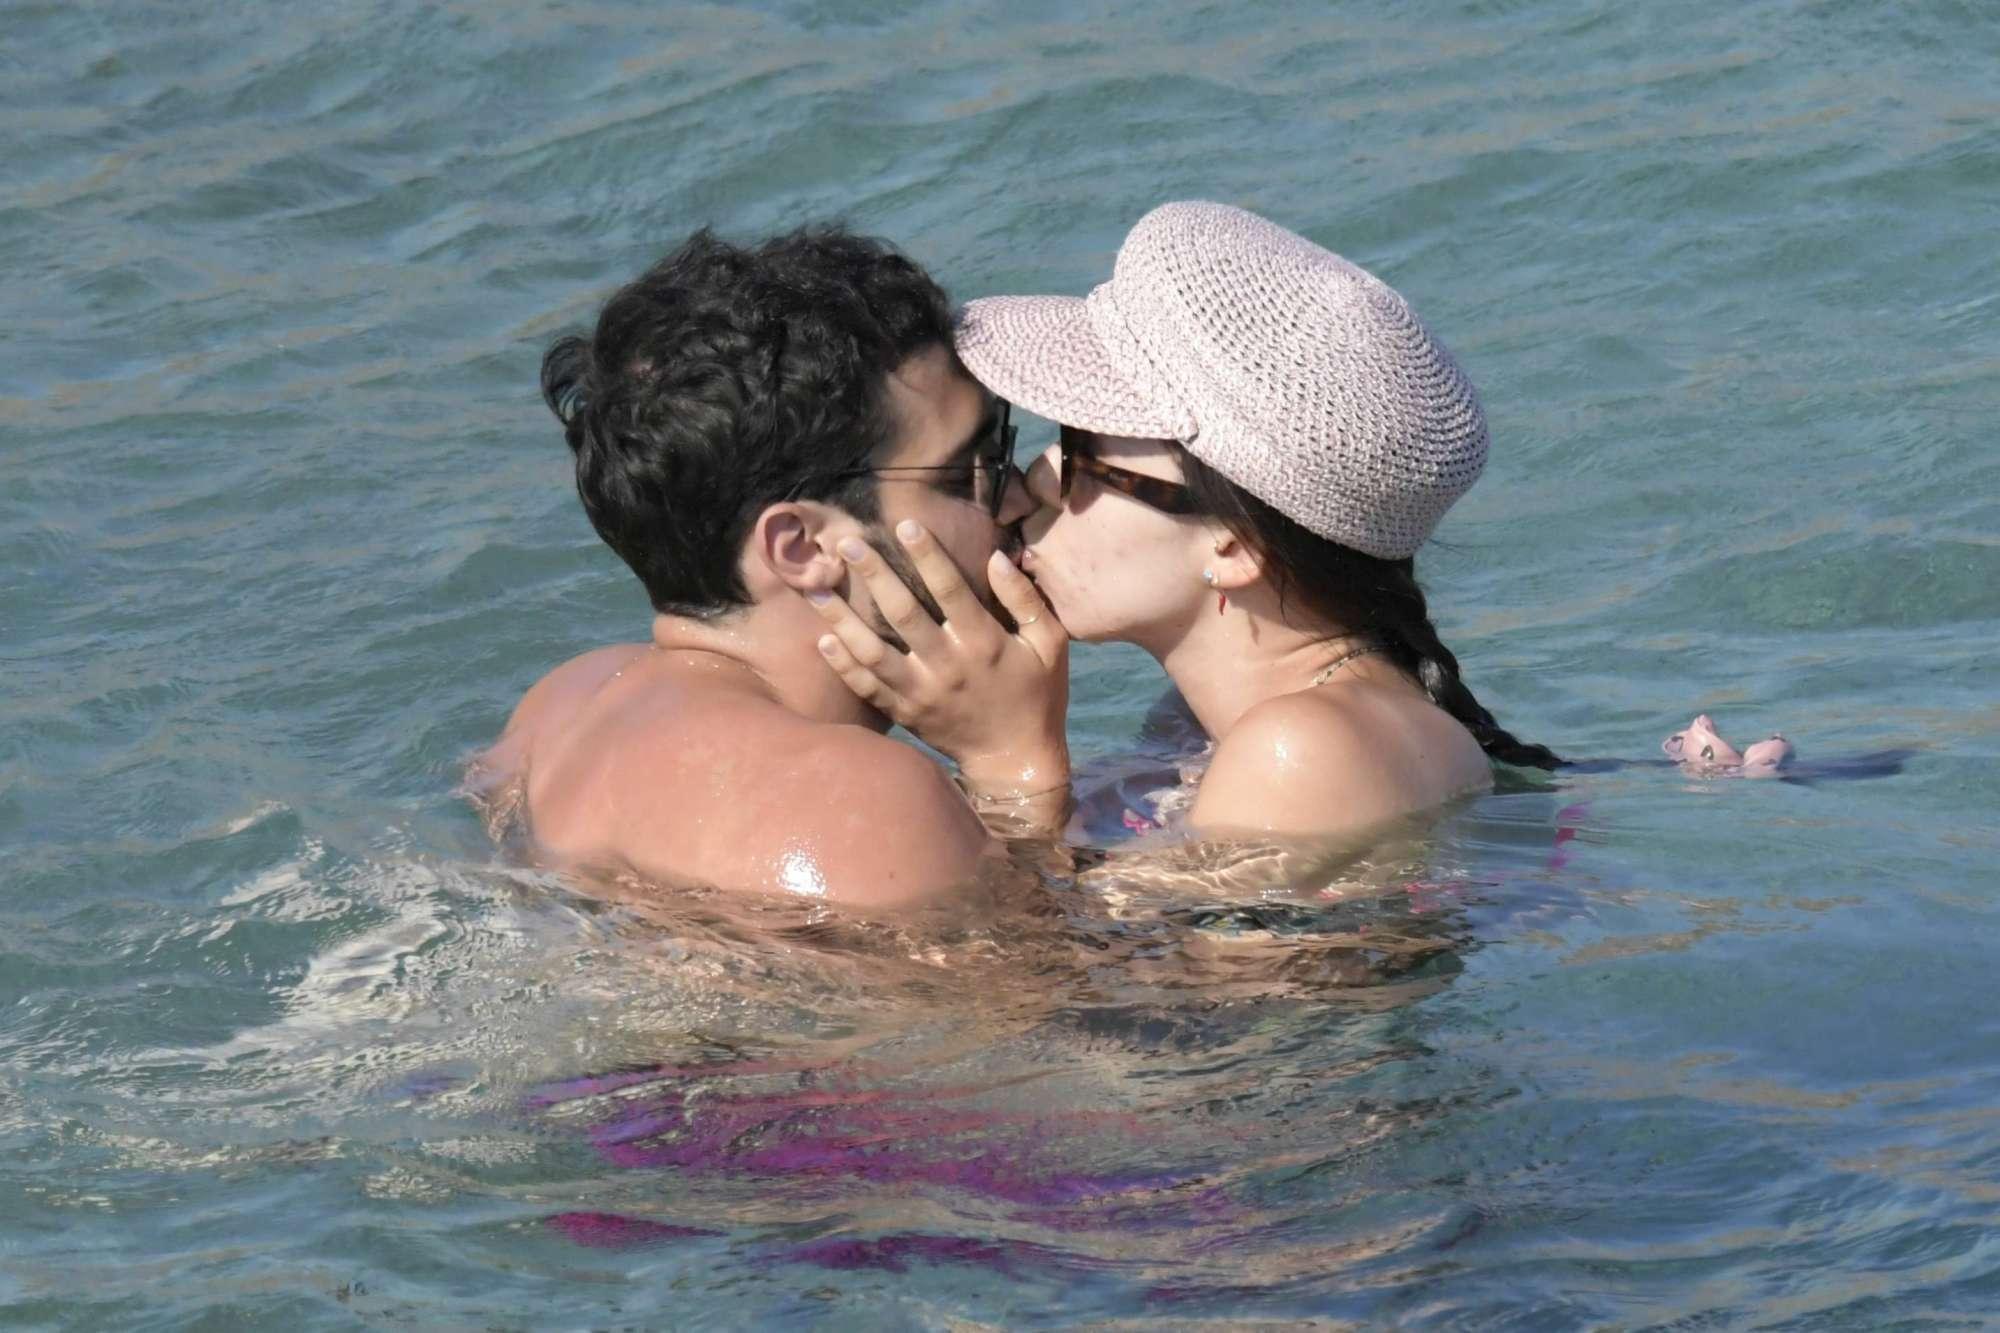 Aurora Ramazzotti, vacanza bollente a Mykonos con Goffredo